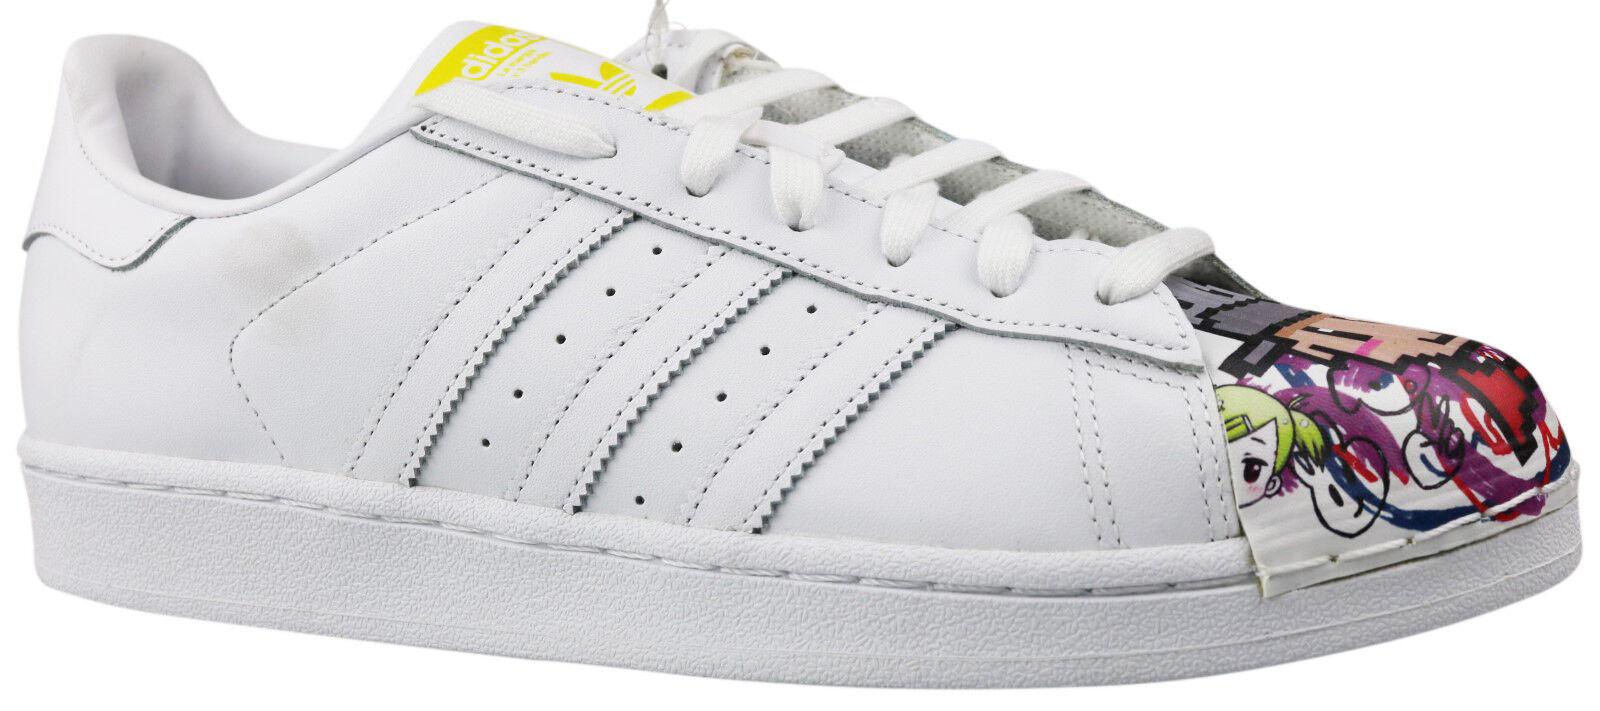 Adidas Superstar Pharrell Supershell Turnschuhe Schuhe weiß S83354 Gr. 43 & 44 NEU